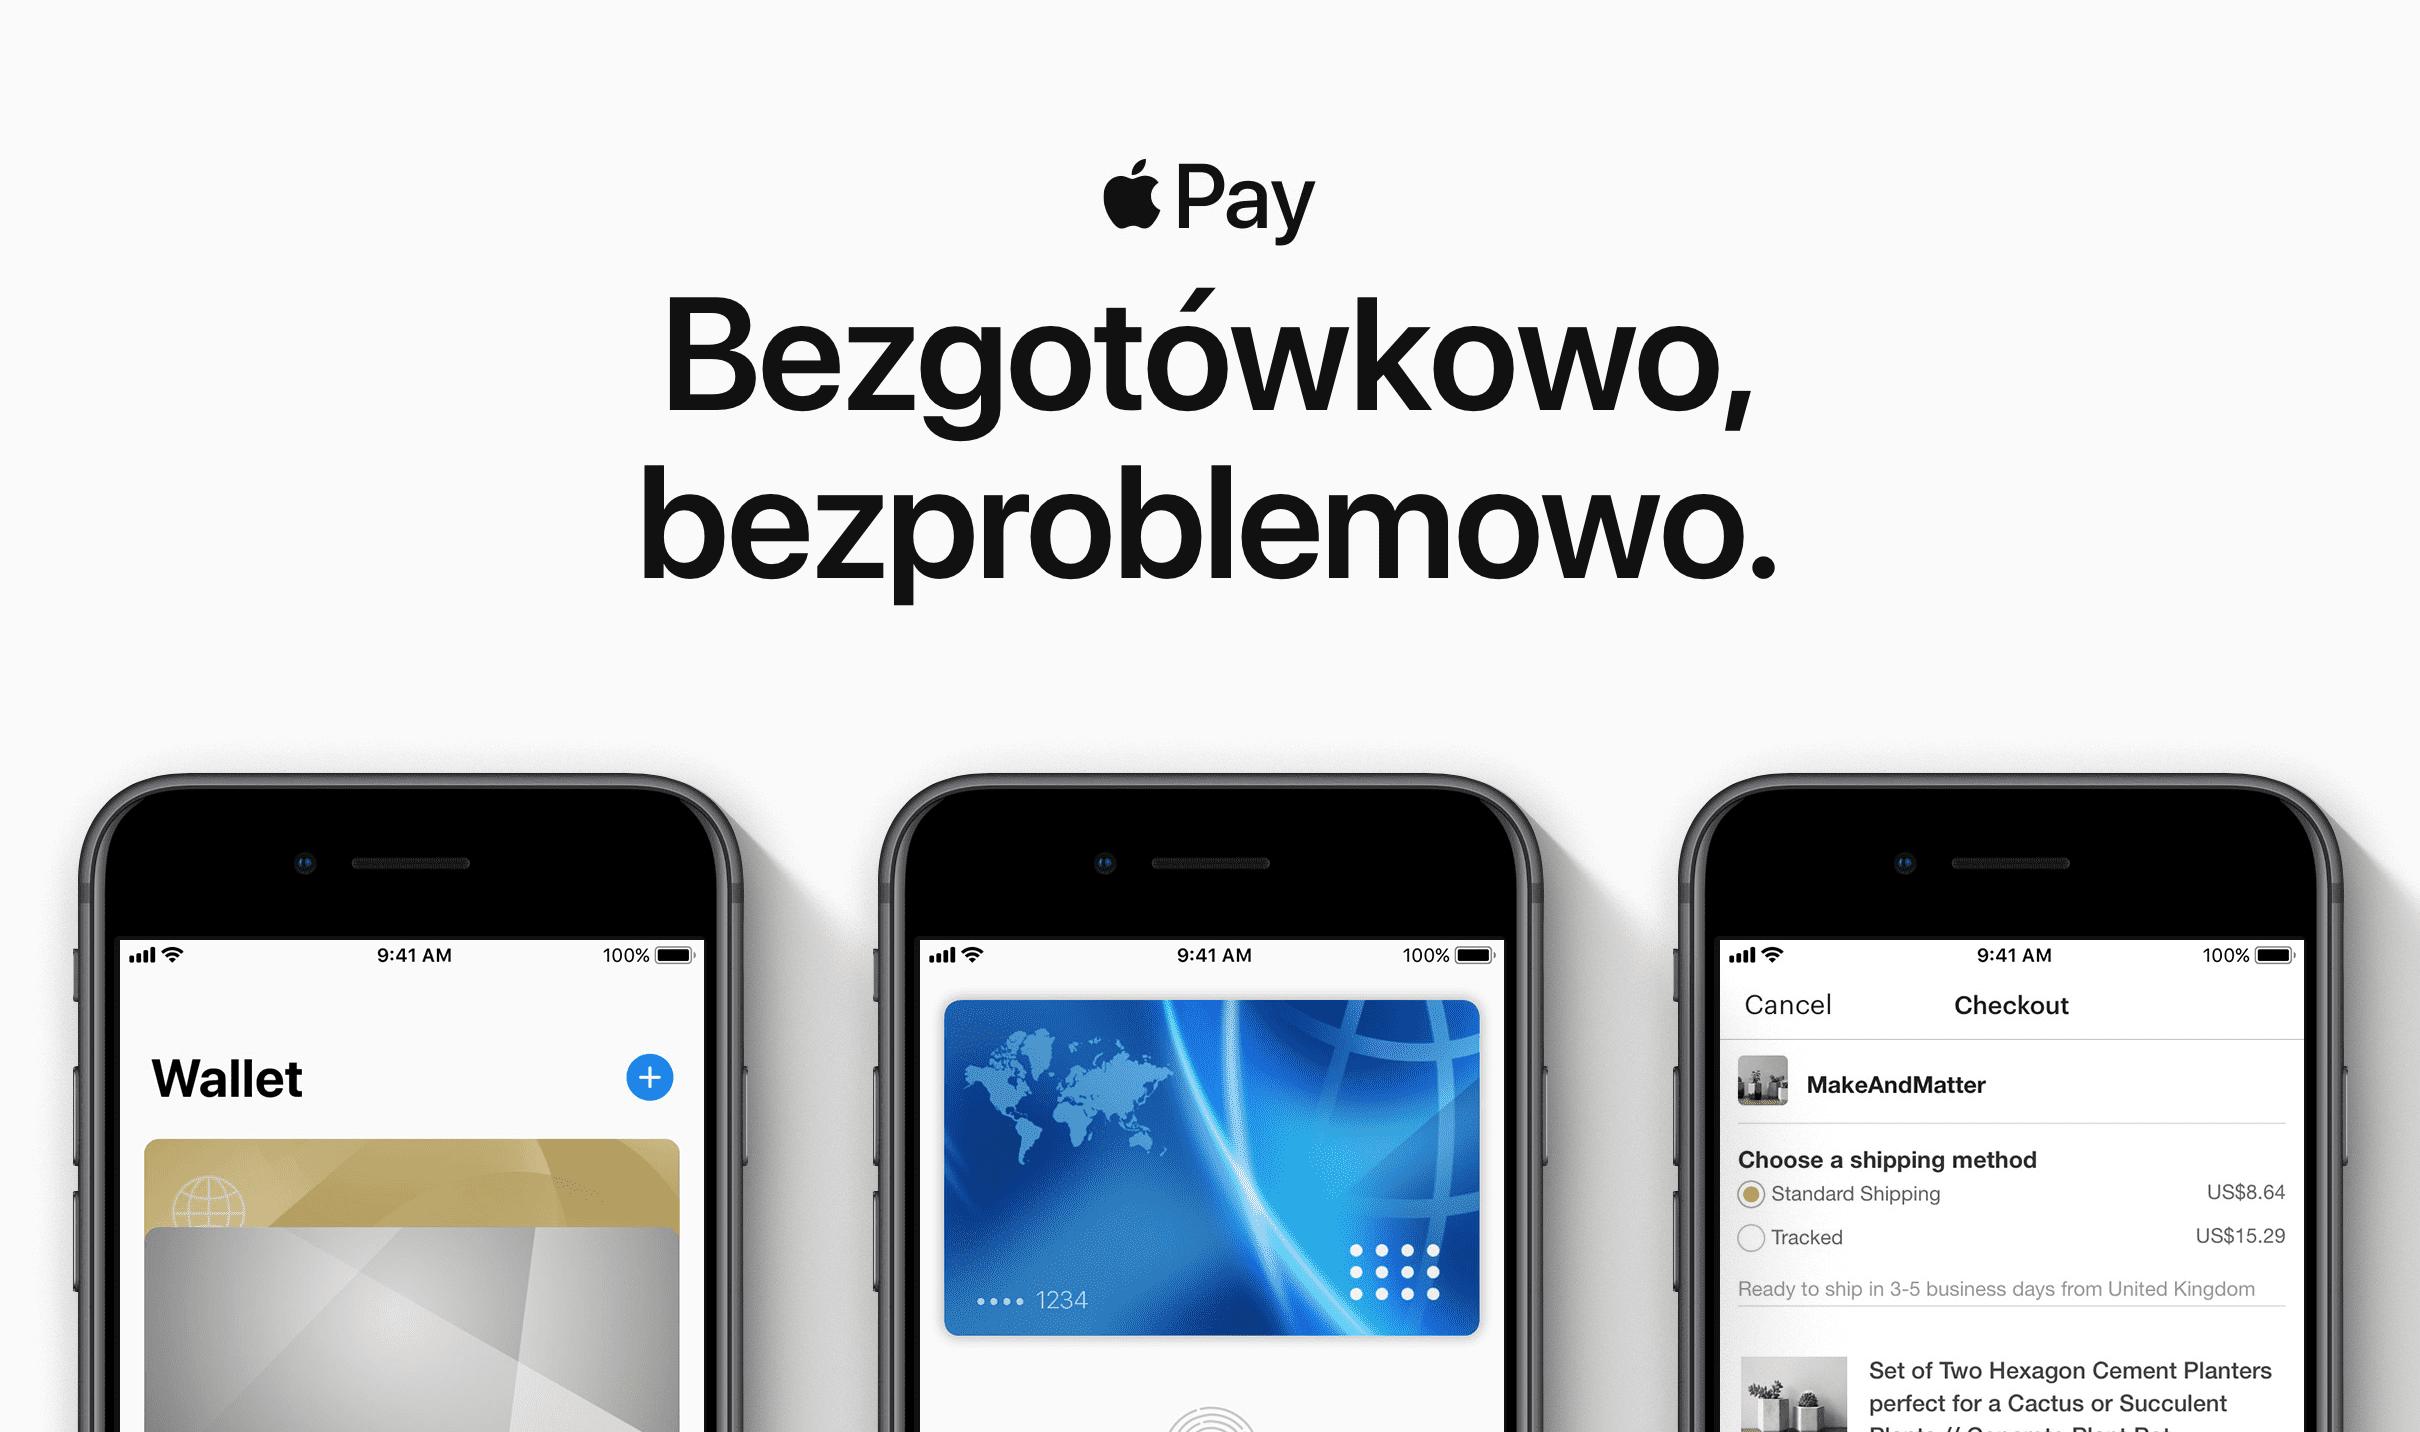 Polska strona Apple uaktualniona - pojawiły się informacje o Apple Pay polecane, ciekawostki polska strona apple pay, polska strona apple, o apple pay, co to jest Apple Pay, Apple  W związku z tym, że Apple Pay działa w Polsce już od kilku godzin, Apple postanowiło uaktualnić Polską stronę i dodać na niej informacje o usłudze w naszym języku. ApplePay 4